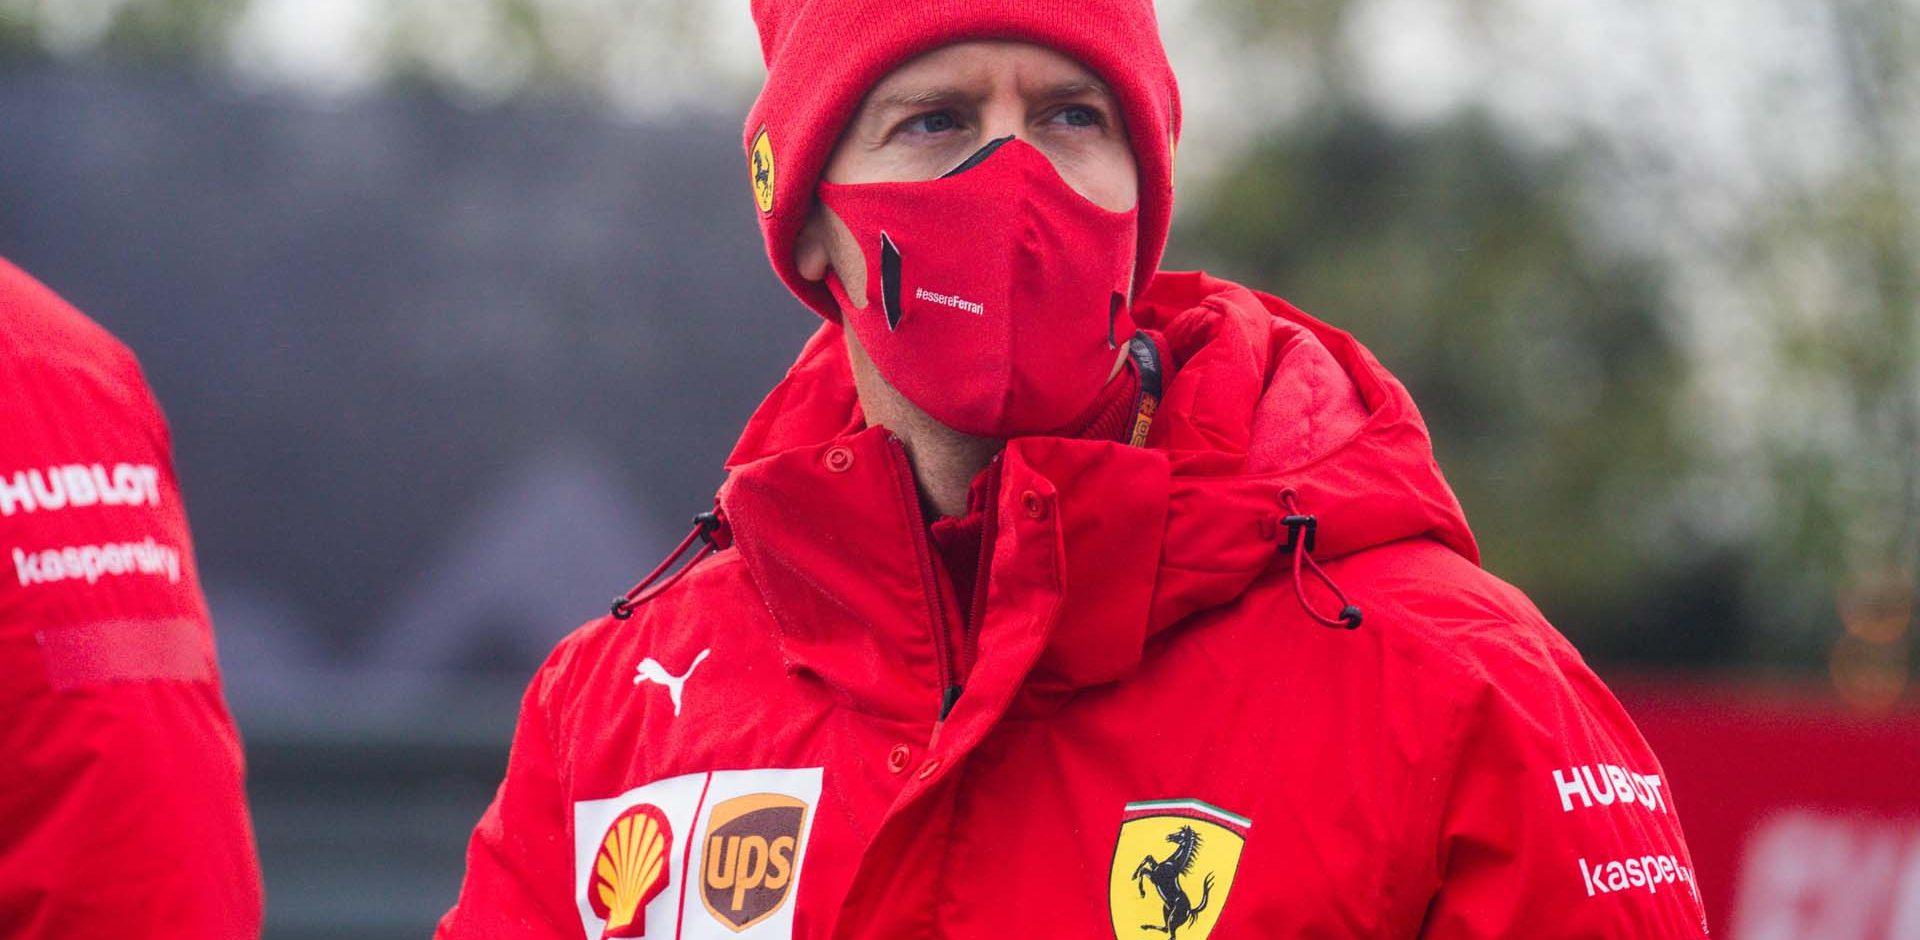 GP GERMANIA F1/2020 -  GIOVEDI 08/10/2020   credit: @Scuderia Ferrari Press Office Sebastian Vettel